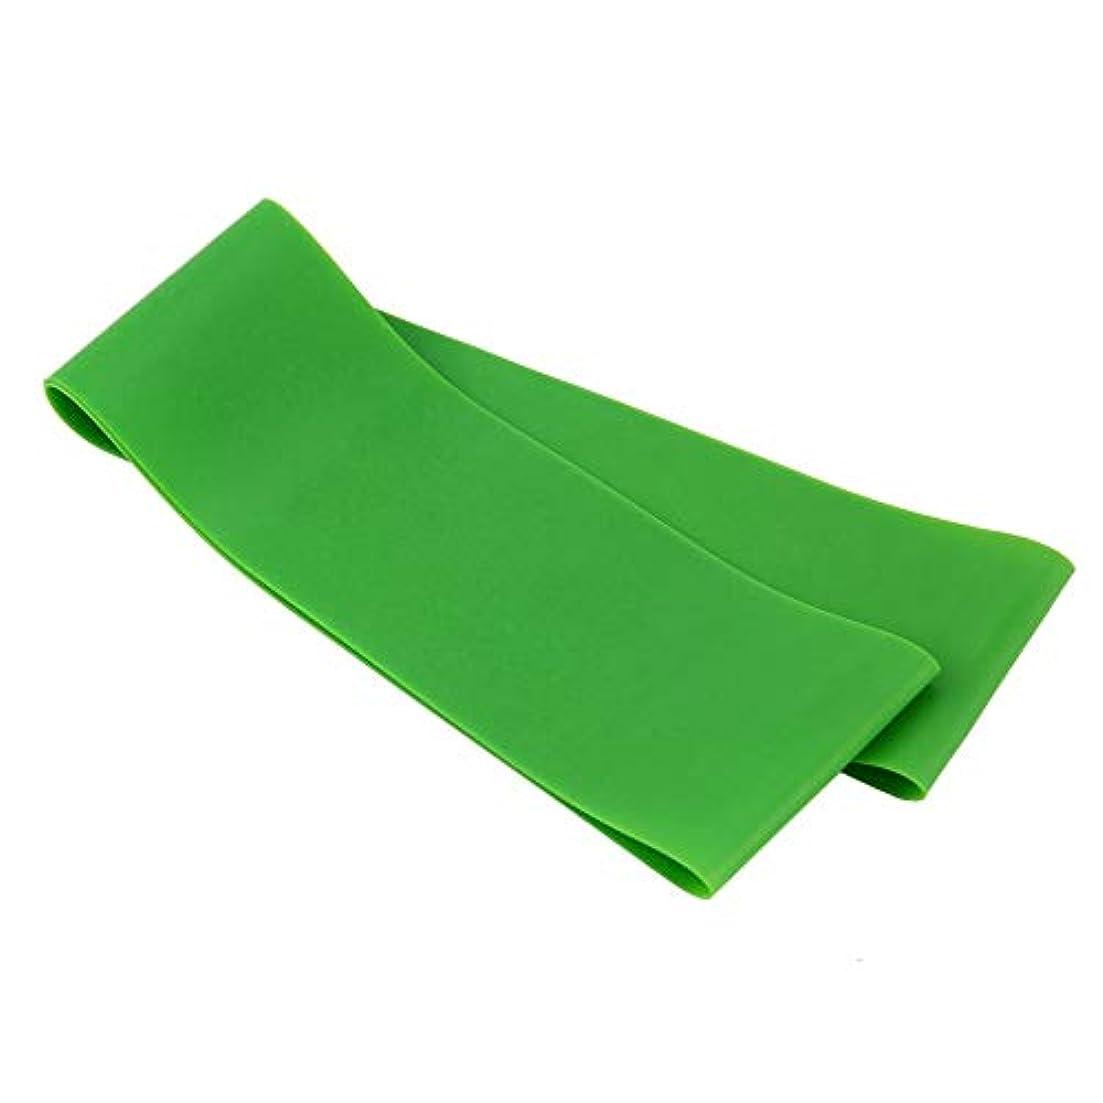 怖がらせる切り下げ好む滑り止め伸縮性ゴム弾性ヨガベルトバンドプルロープ張力抵抗バンドループ強度のためのフィットネスヨガツール - グリーン